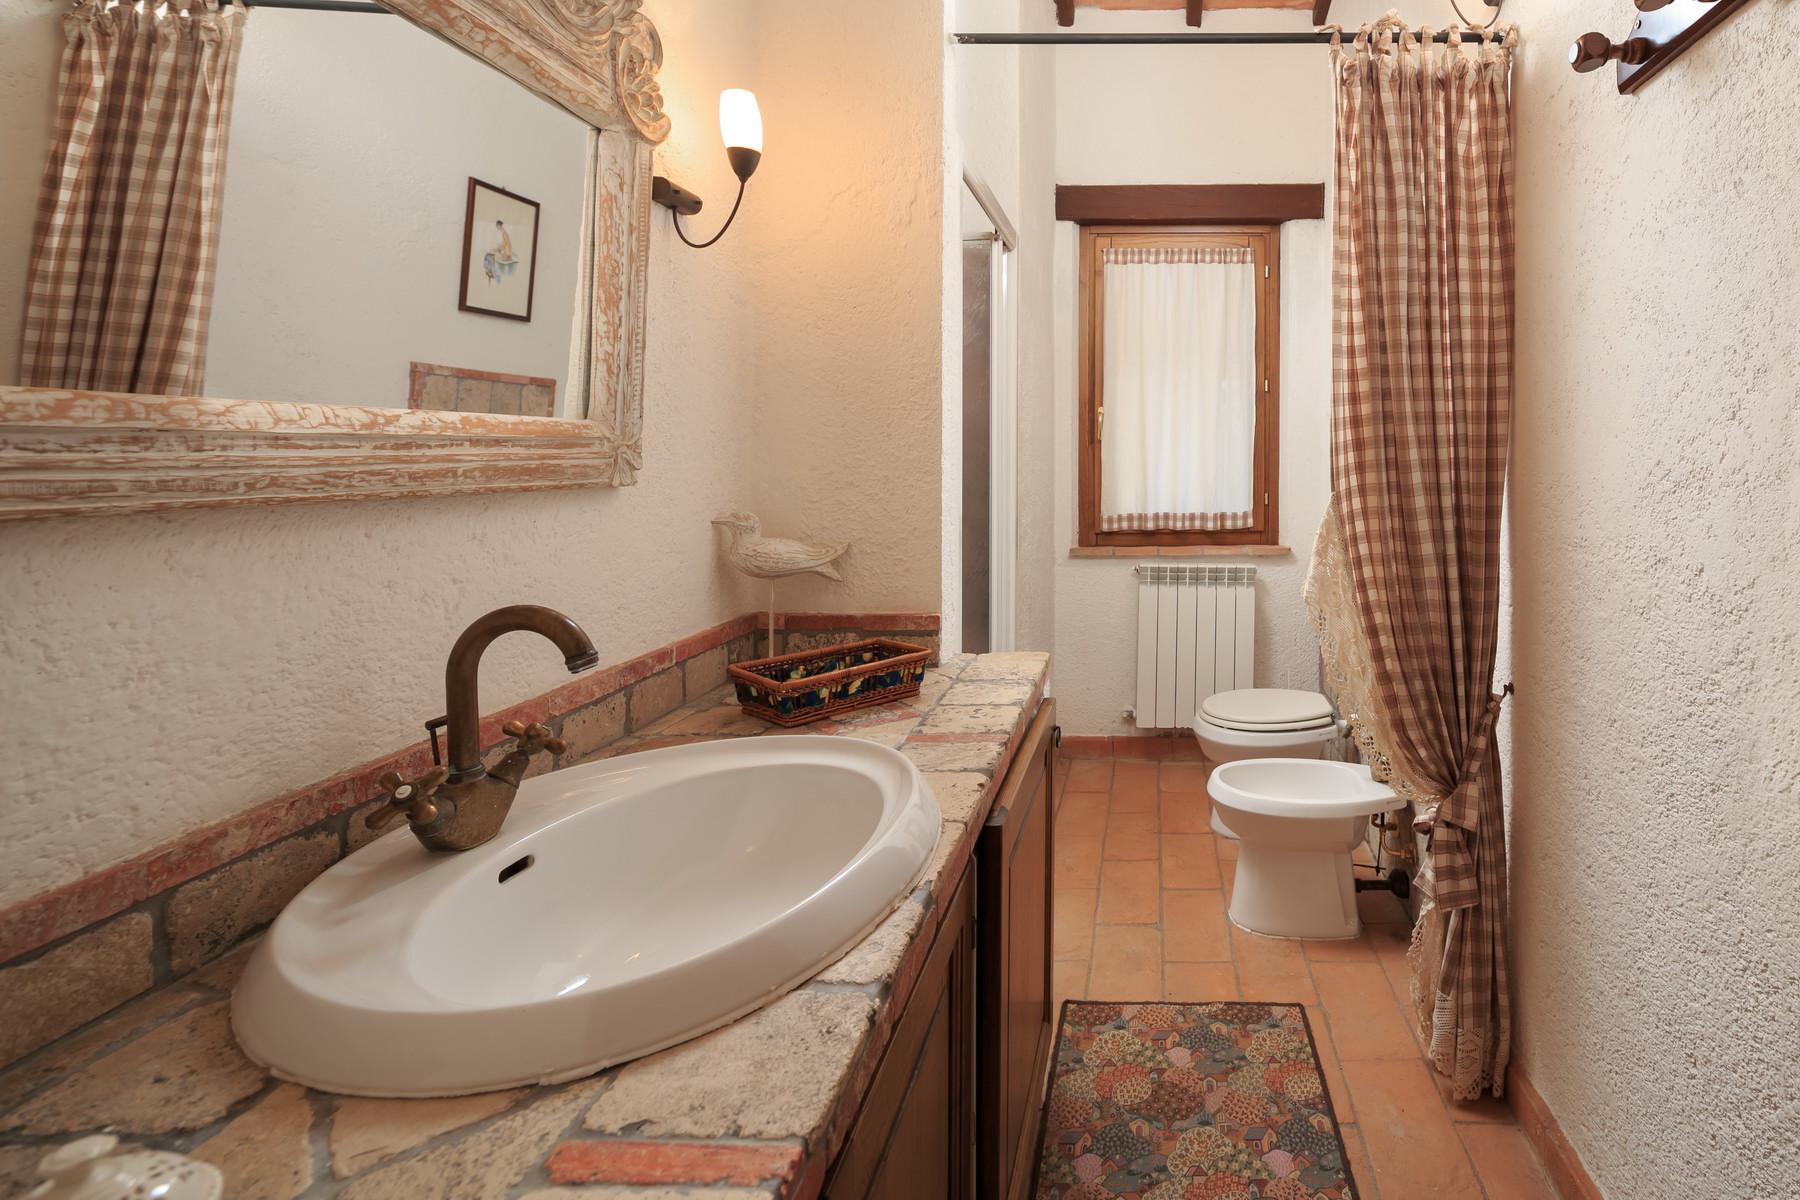 Rustico in Vendita a Manciano: 5 locali, 357 mq - Foto 19